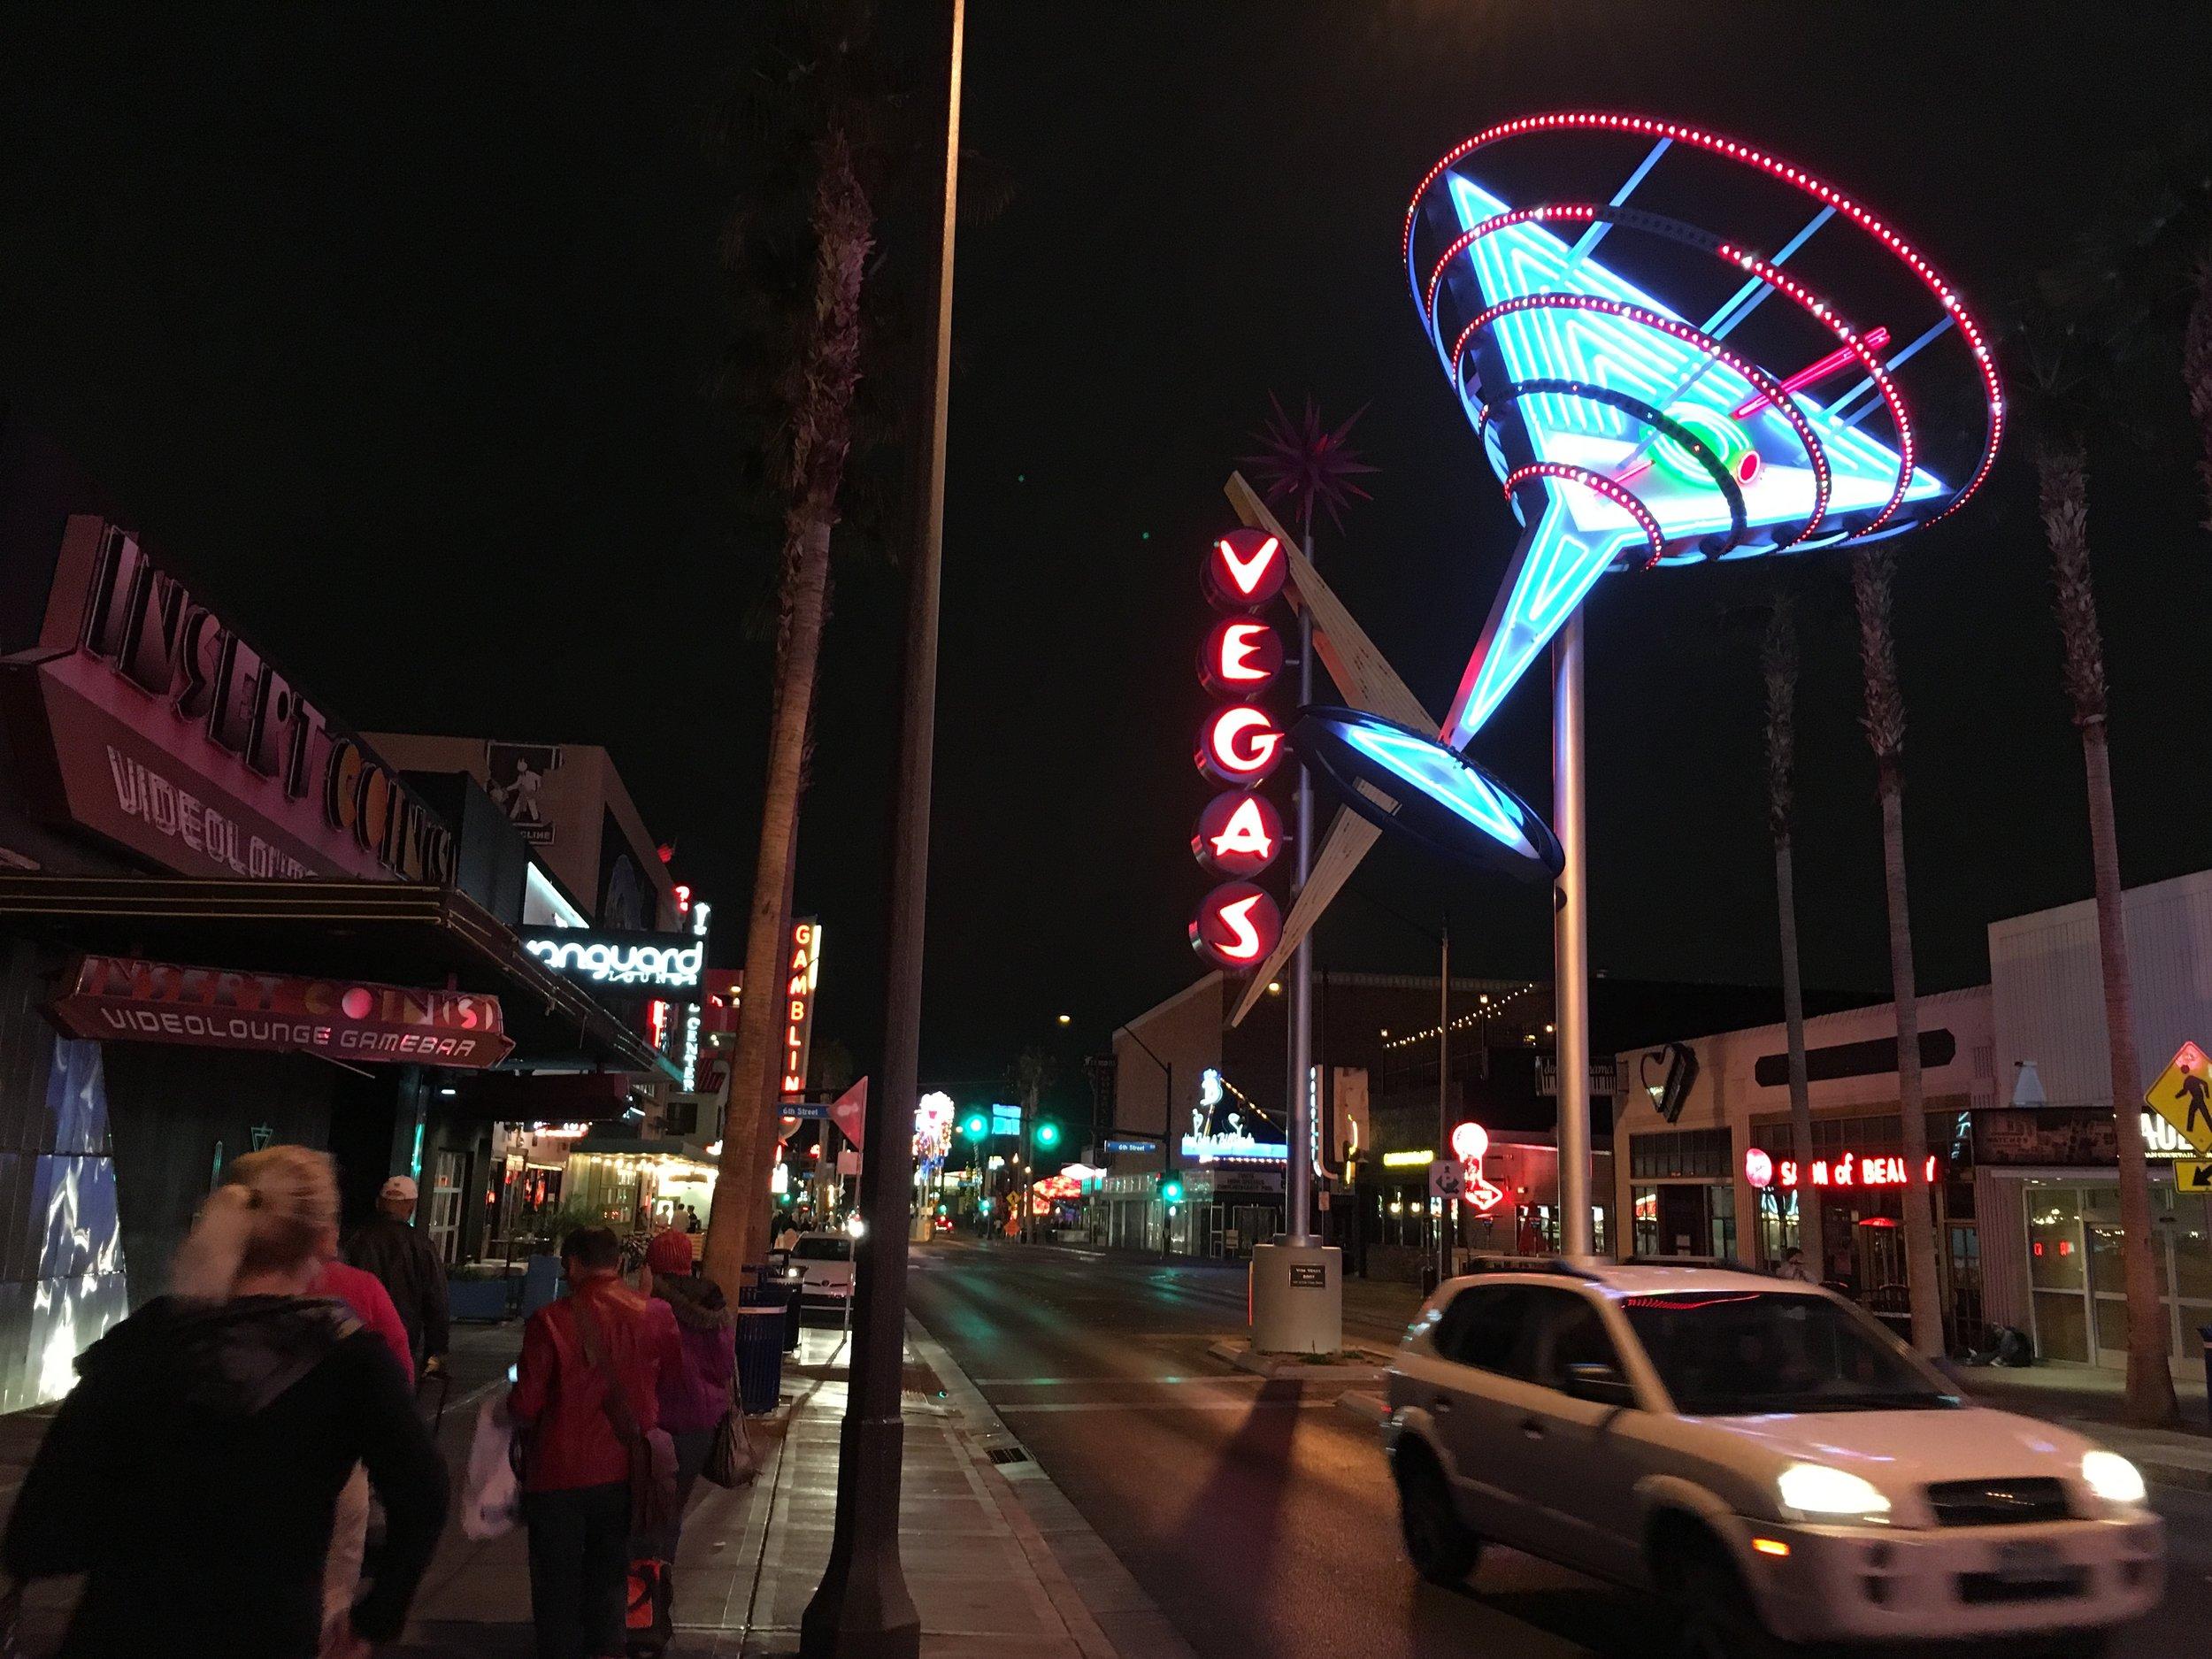 ダウンタウンにはバグジー・シーゲルが所有していたカジノホテルがあるなど、ラスベガスの開発がまさにここから始まったという感じがします。